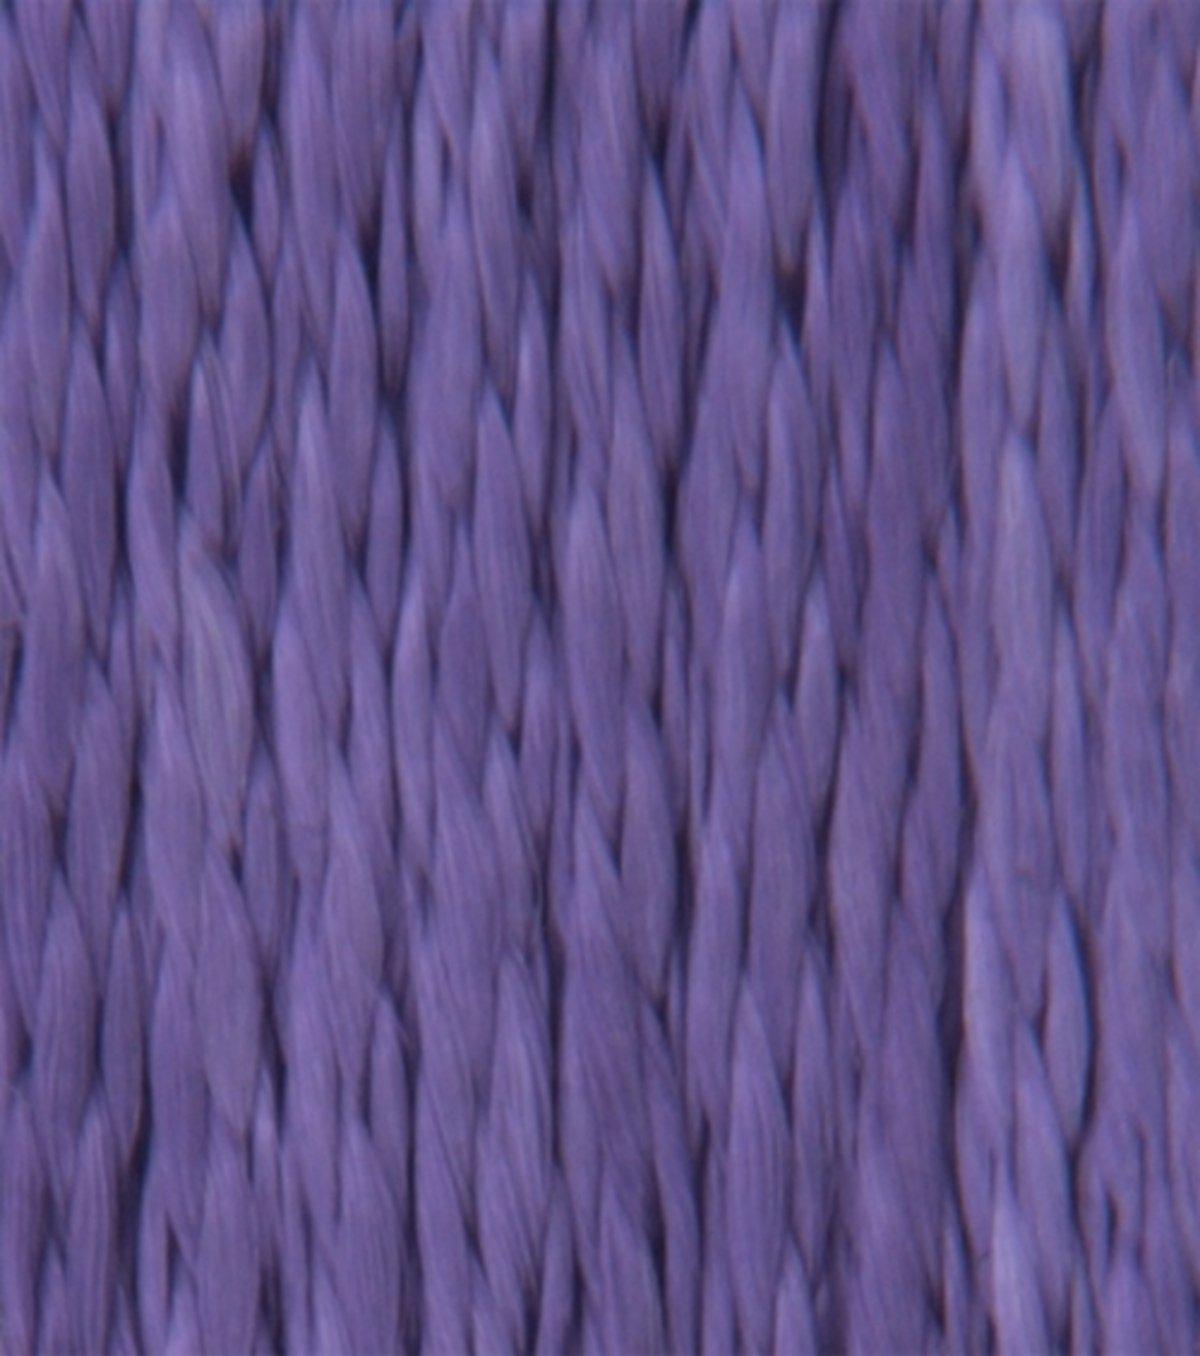 DMC Satin Floss 8.7 Yards-Medium Violet (並行輸入品) B002YK3NOO